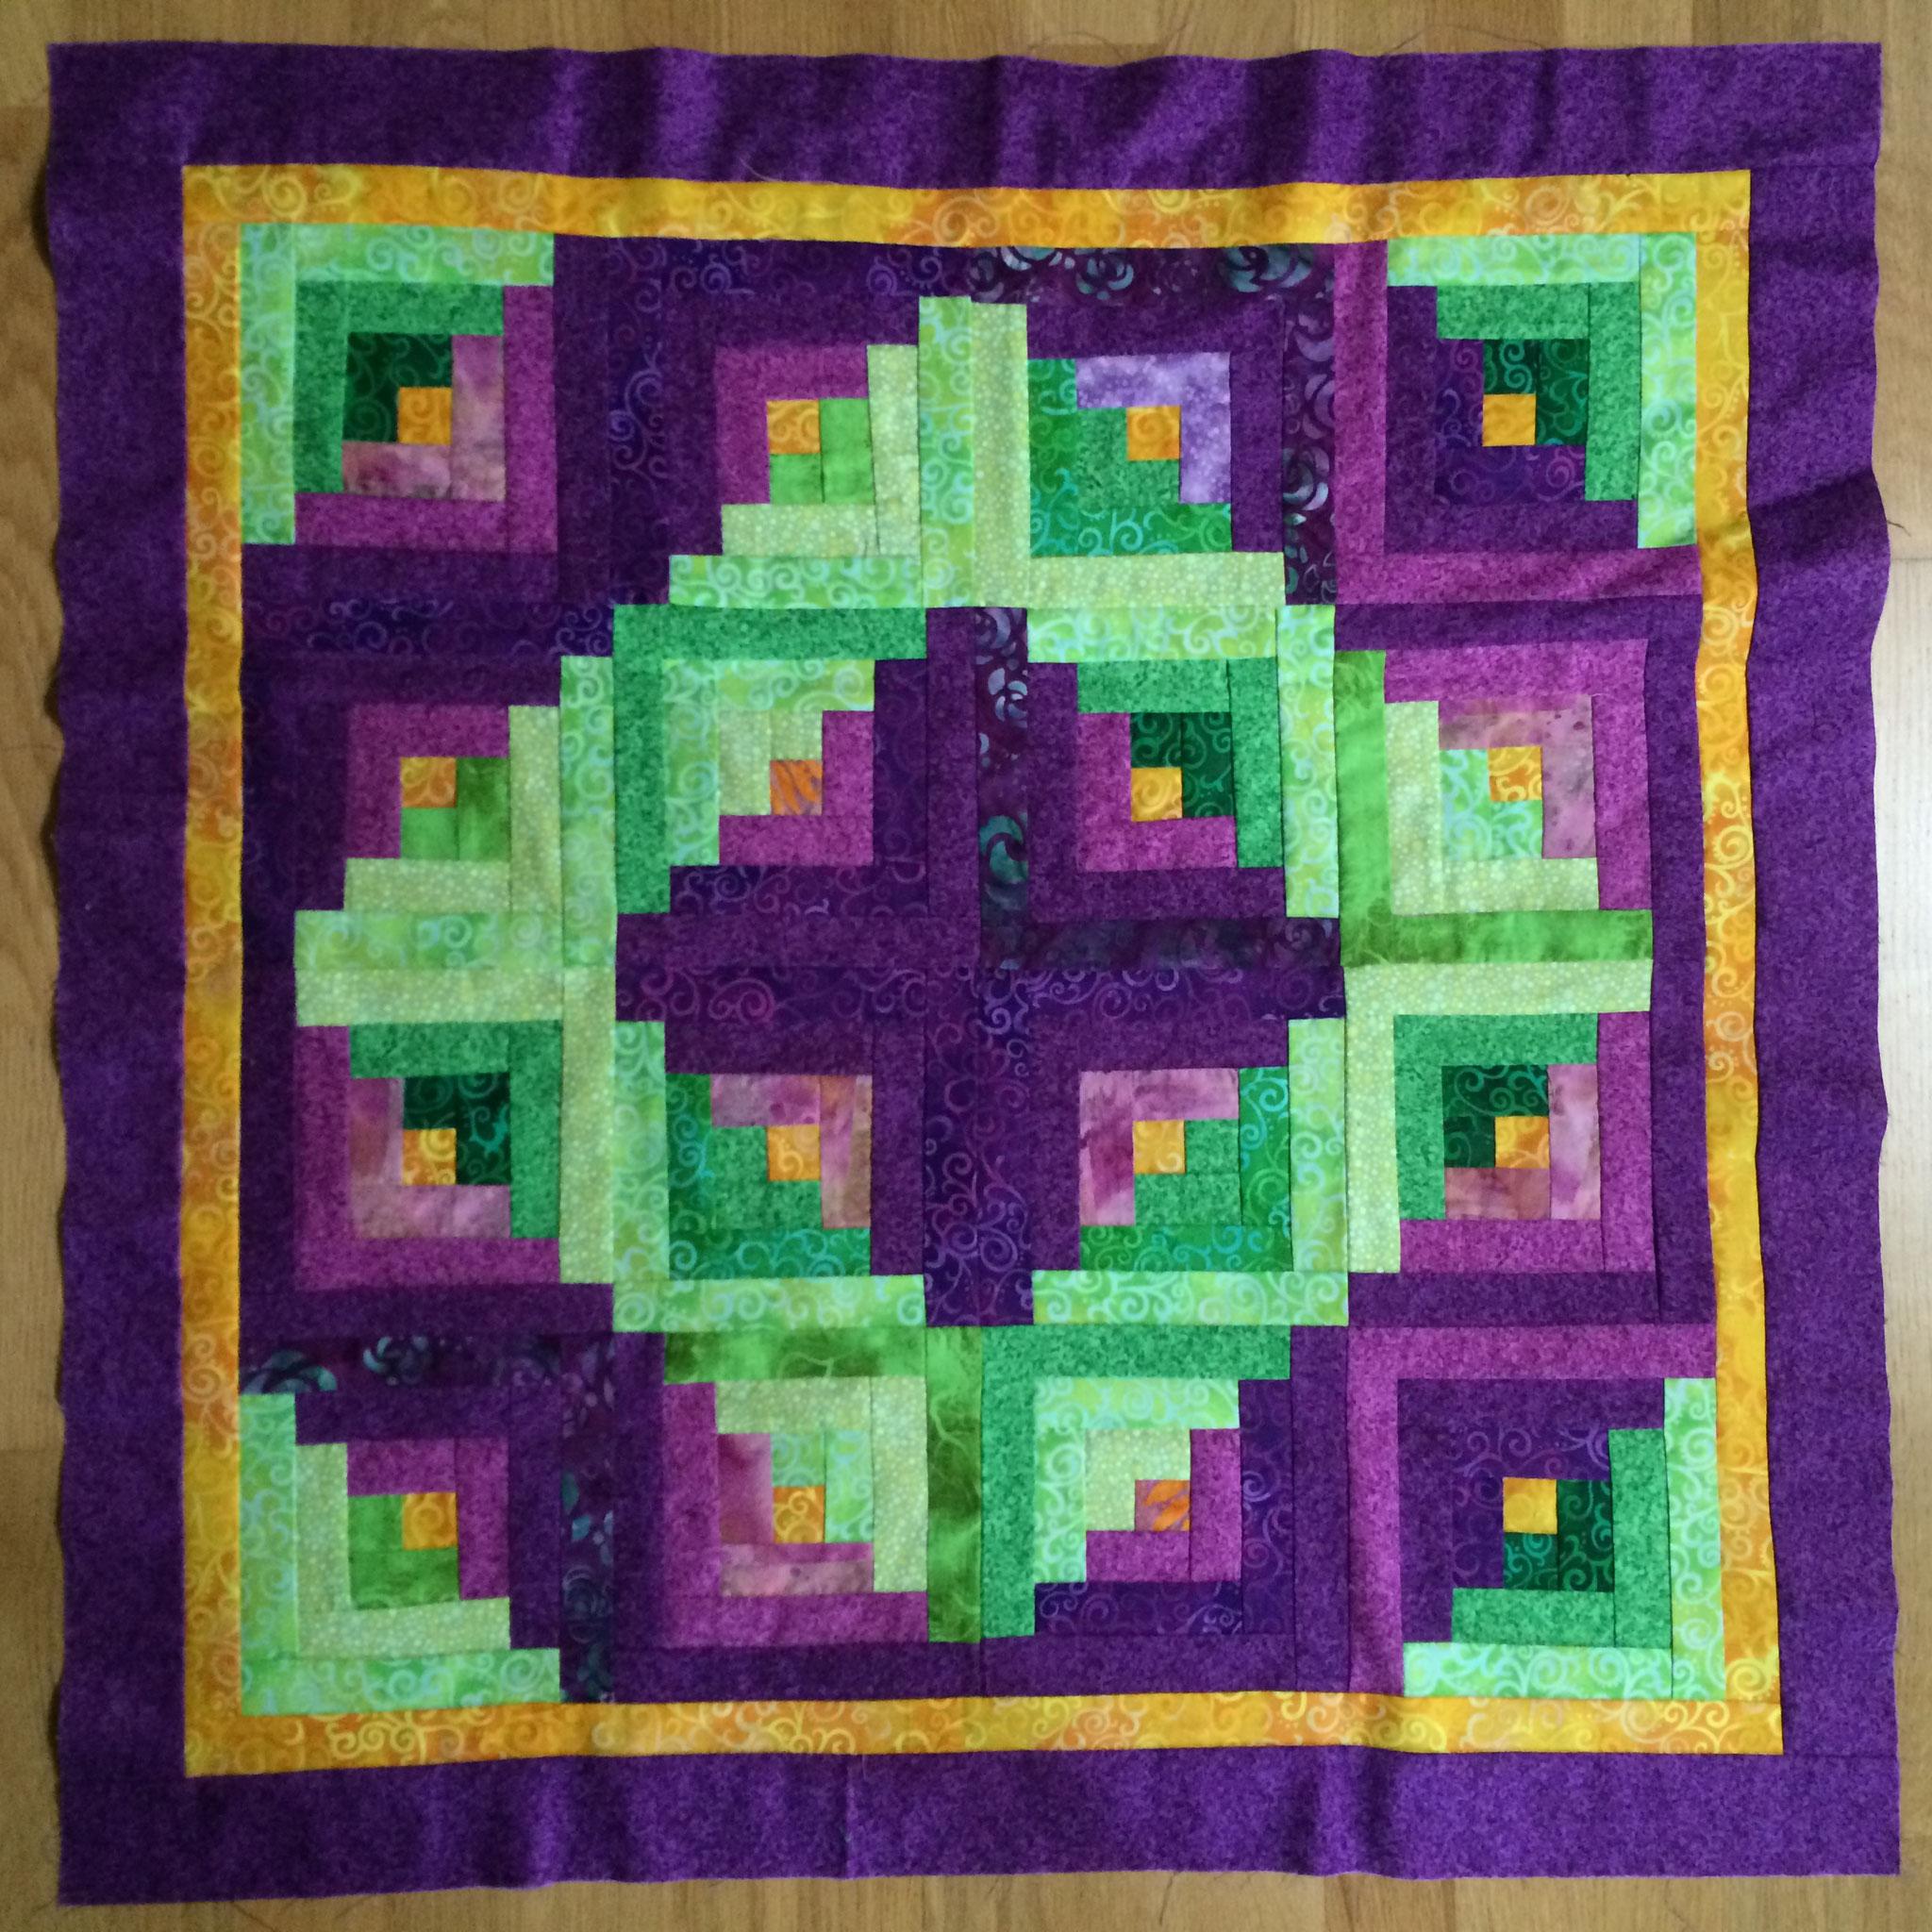 Voici le patchwork à quilter : un très joli log cabin, fait par une amie pour une amie commune.